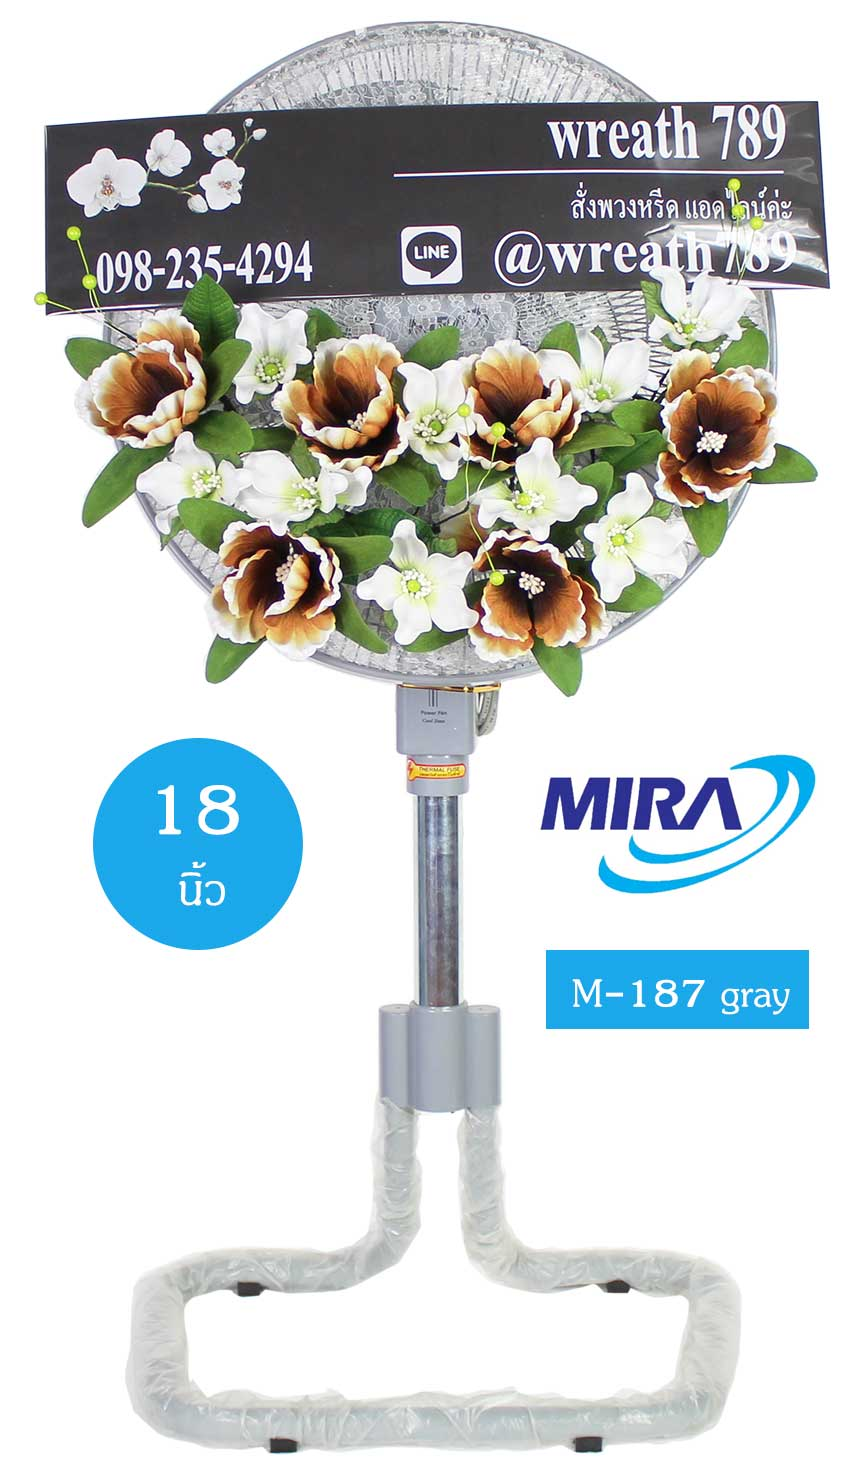 พวงหรีดพัดลม แบบที่352b พัดลมอุตสาหกรรม สีเทา mira พวงหรีดดอกไม้ประดิษฐ์